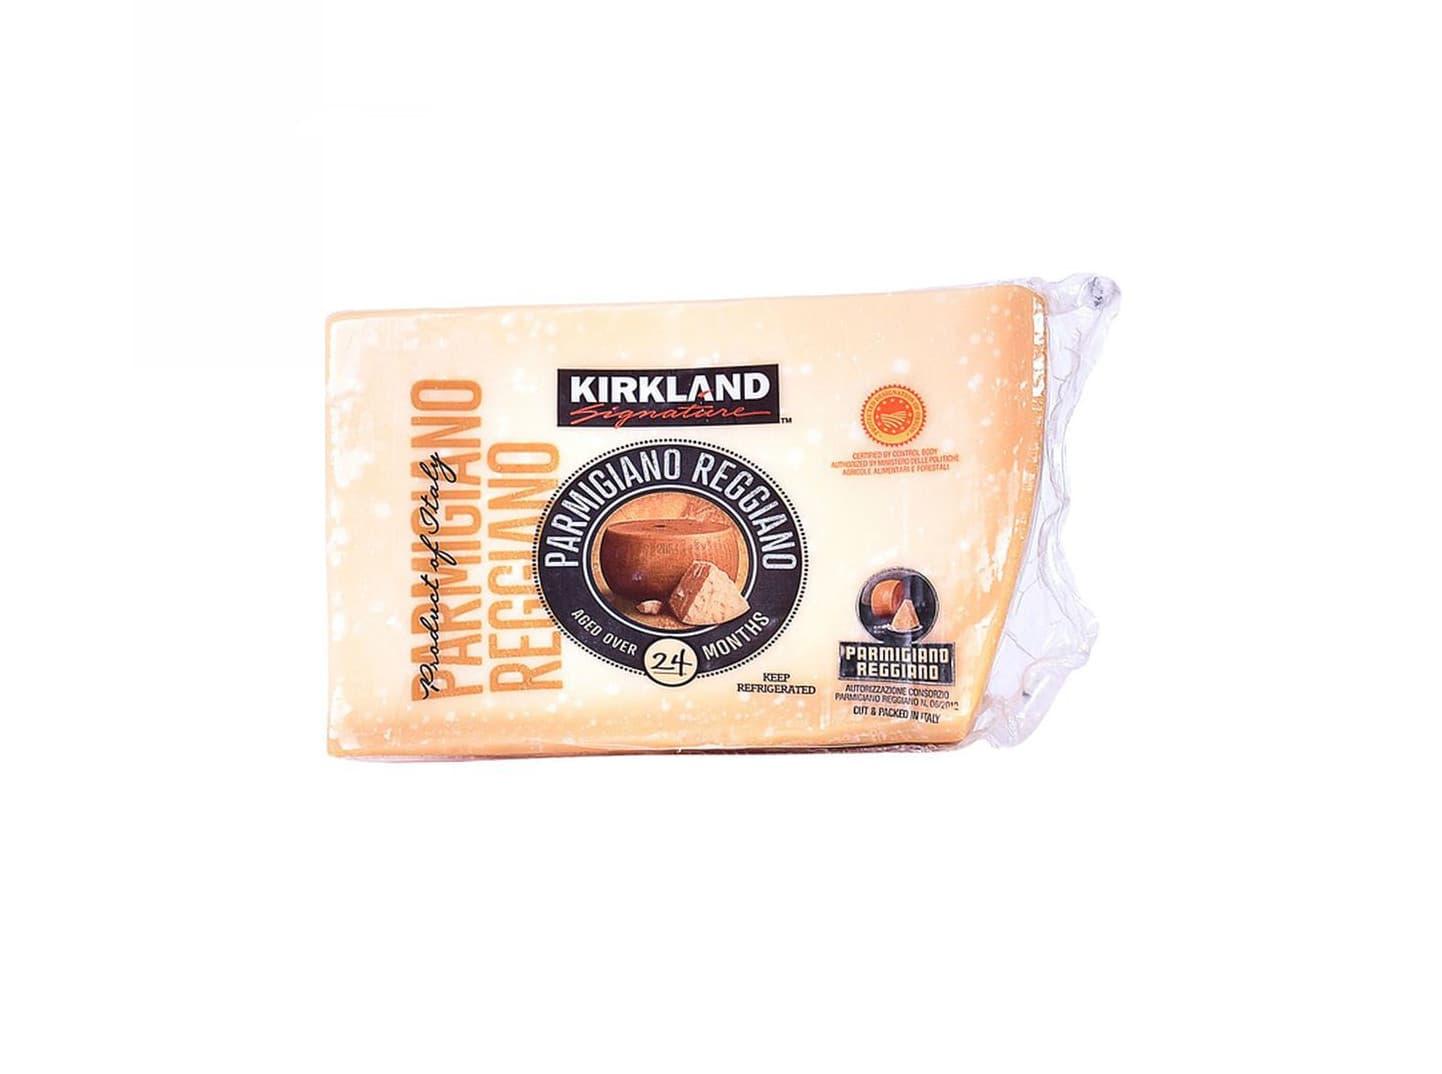 Kirkland Signature Parmigiano Reggiano Cheese Formaggi Zanetti